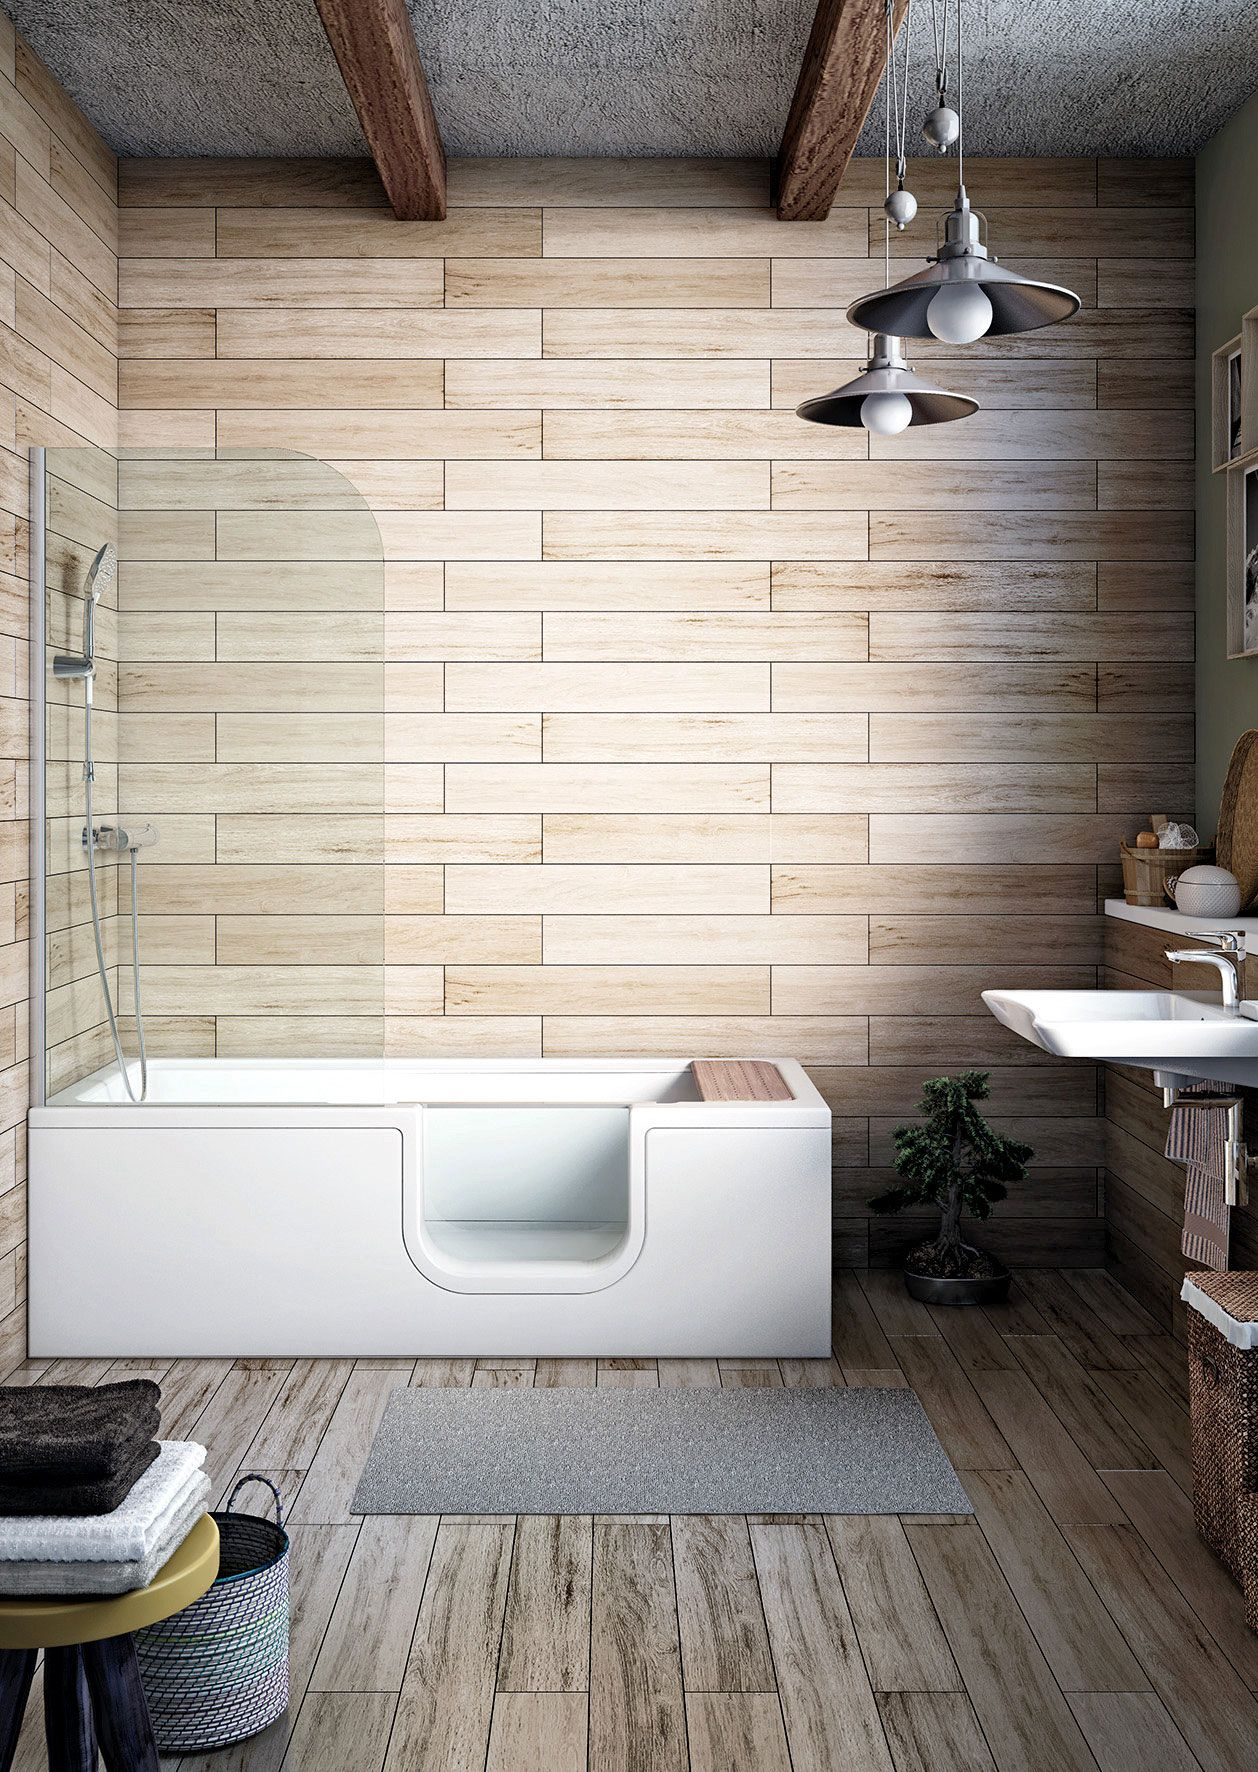 Tipps Zur Badewanne Planung Kauf Einbau Und Pflege Kleines Bad Renovierungen Badewanne Kleines Bad Dekorieren